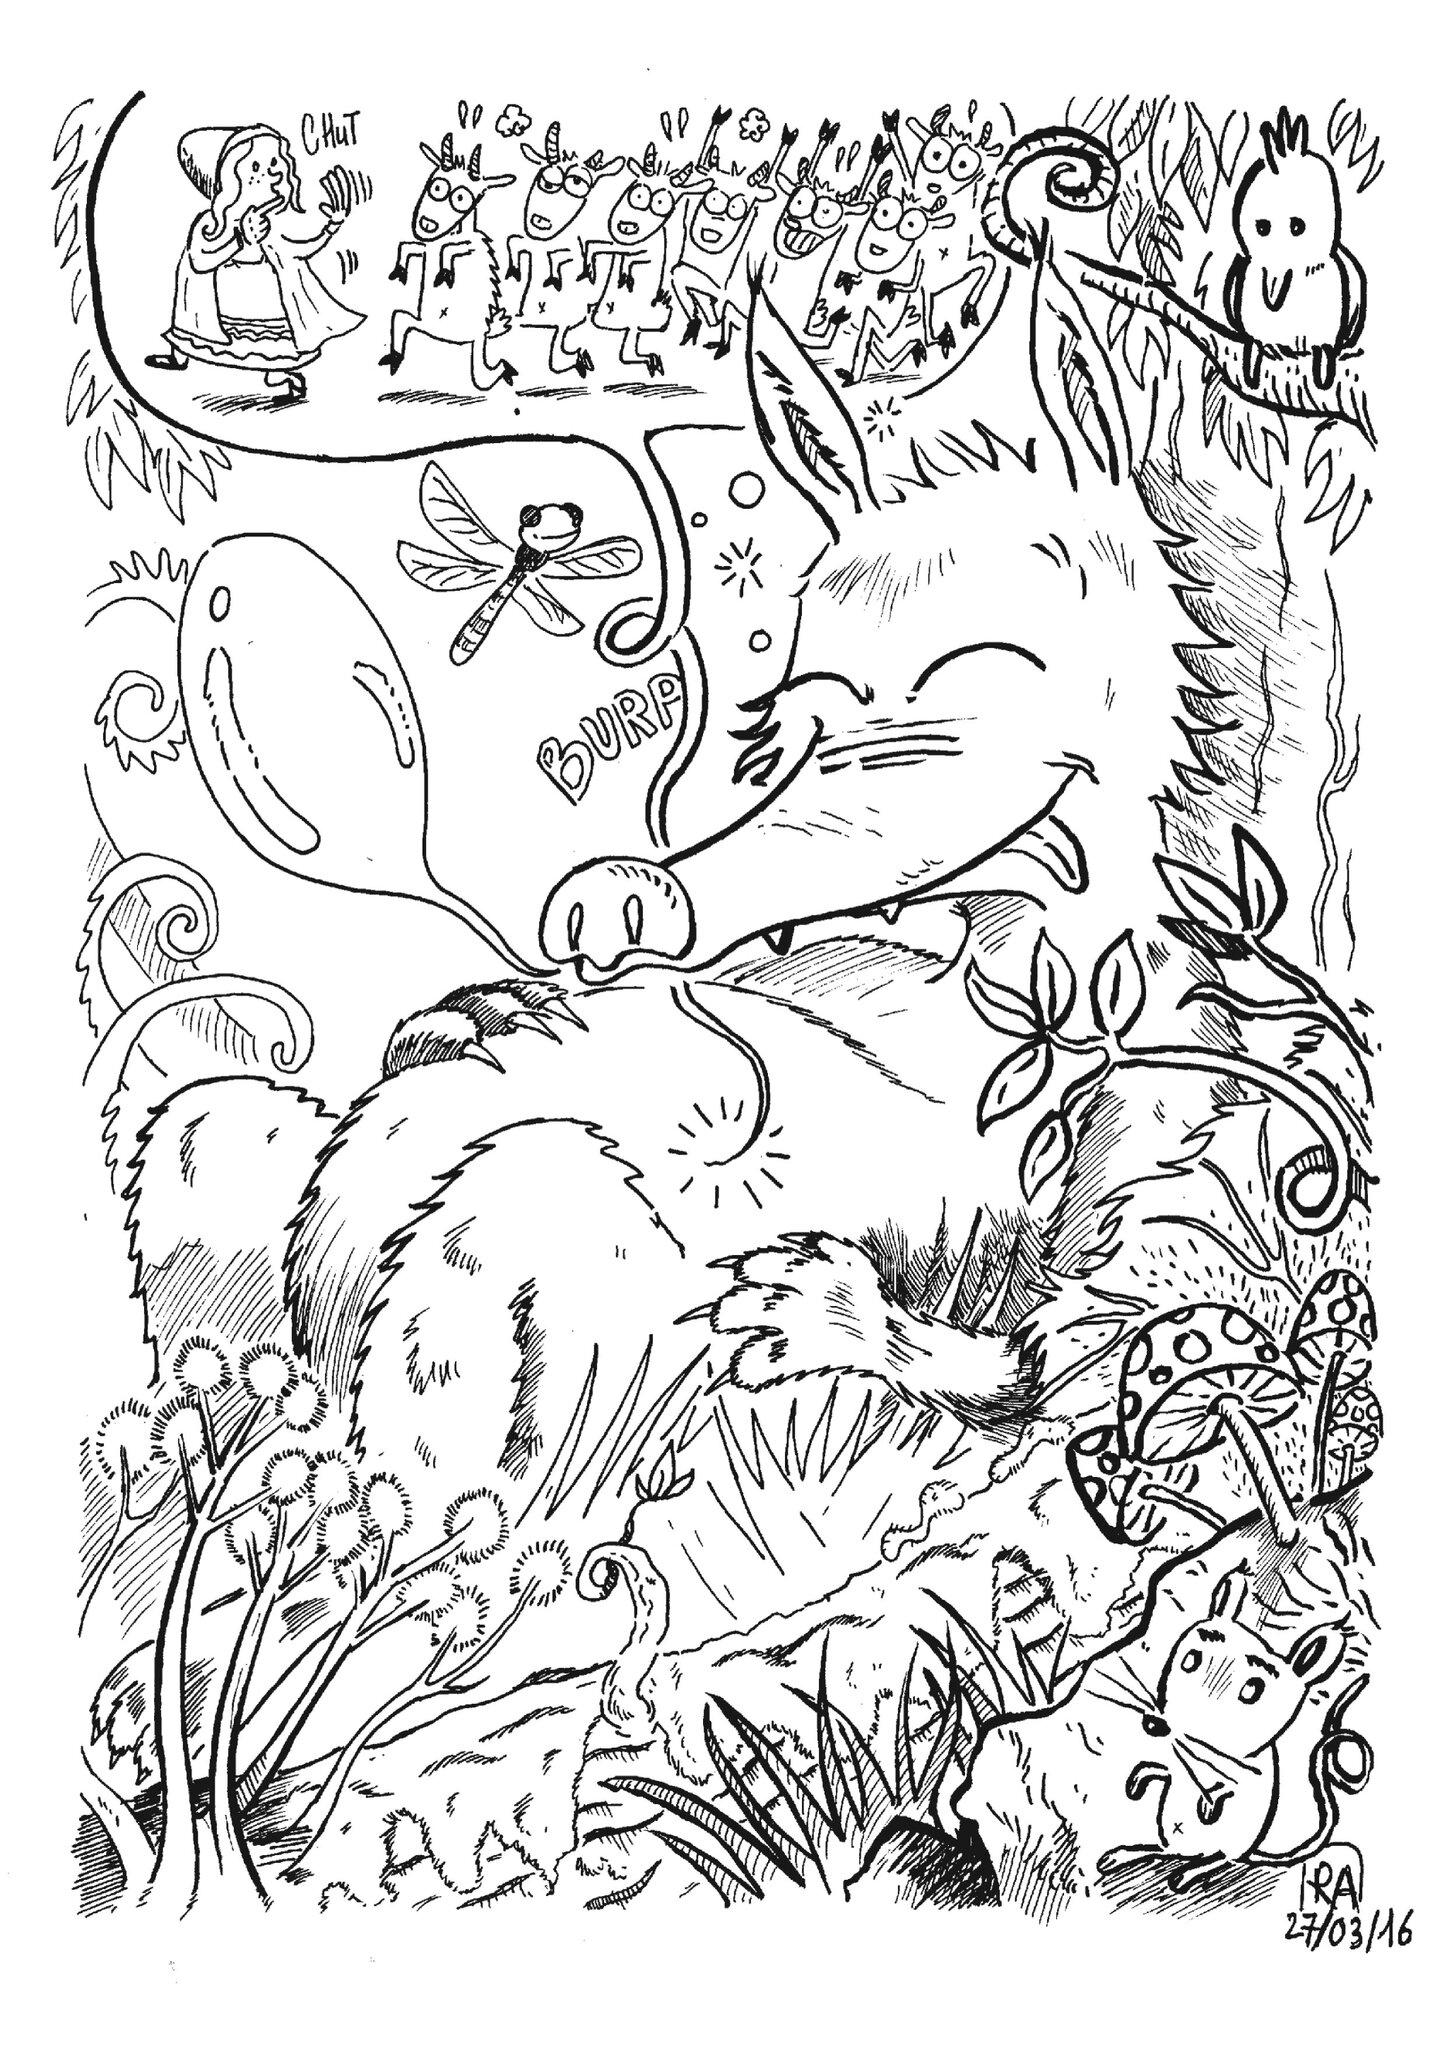 Fable Le Loup Et Les 7 Chevreaux Format 100cm X 70cmet